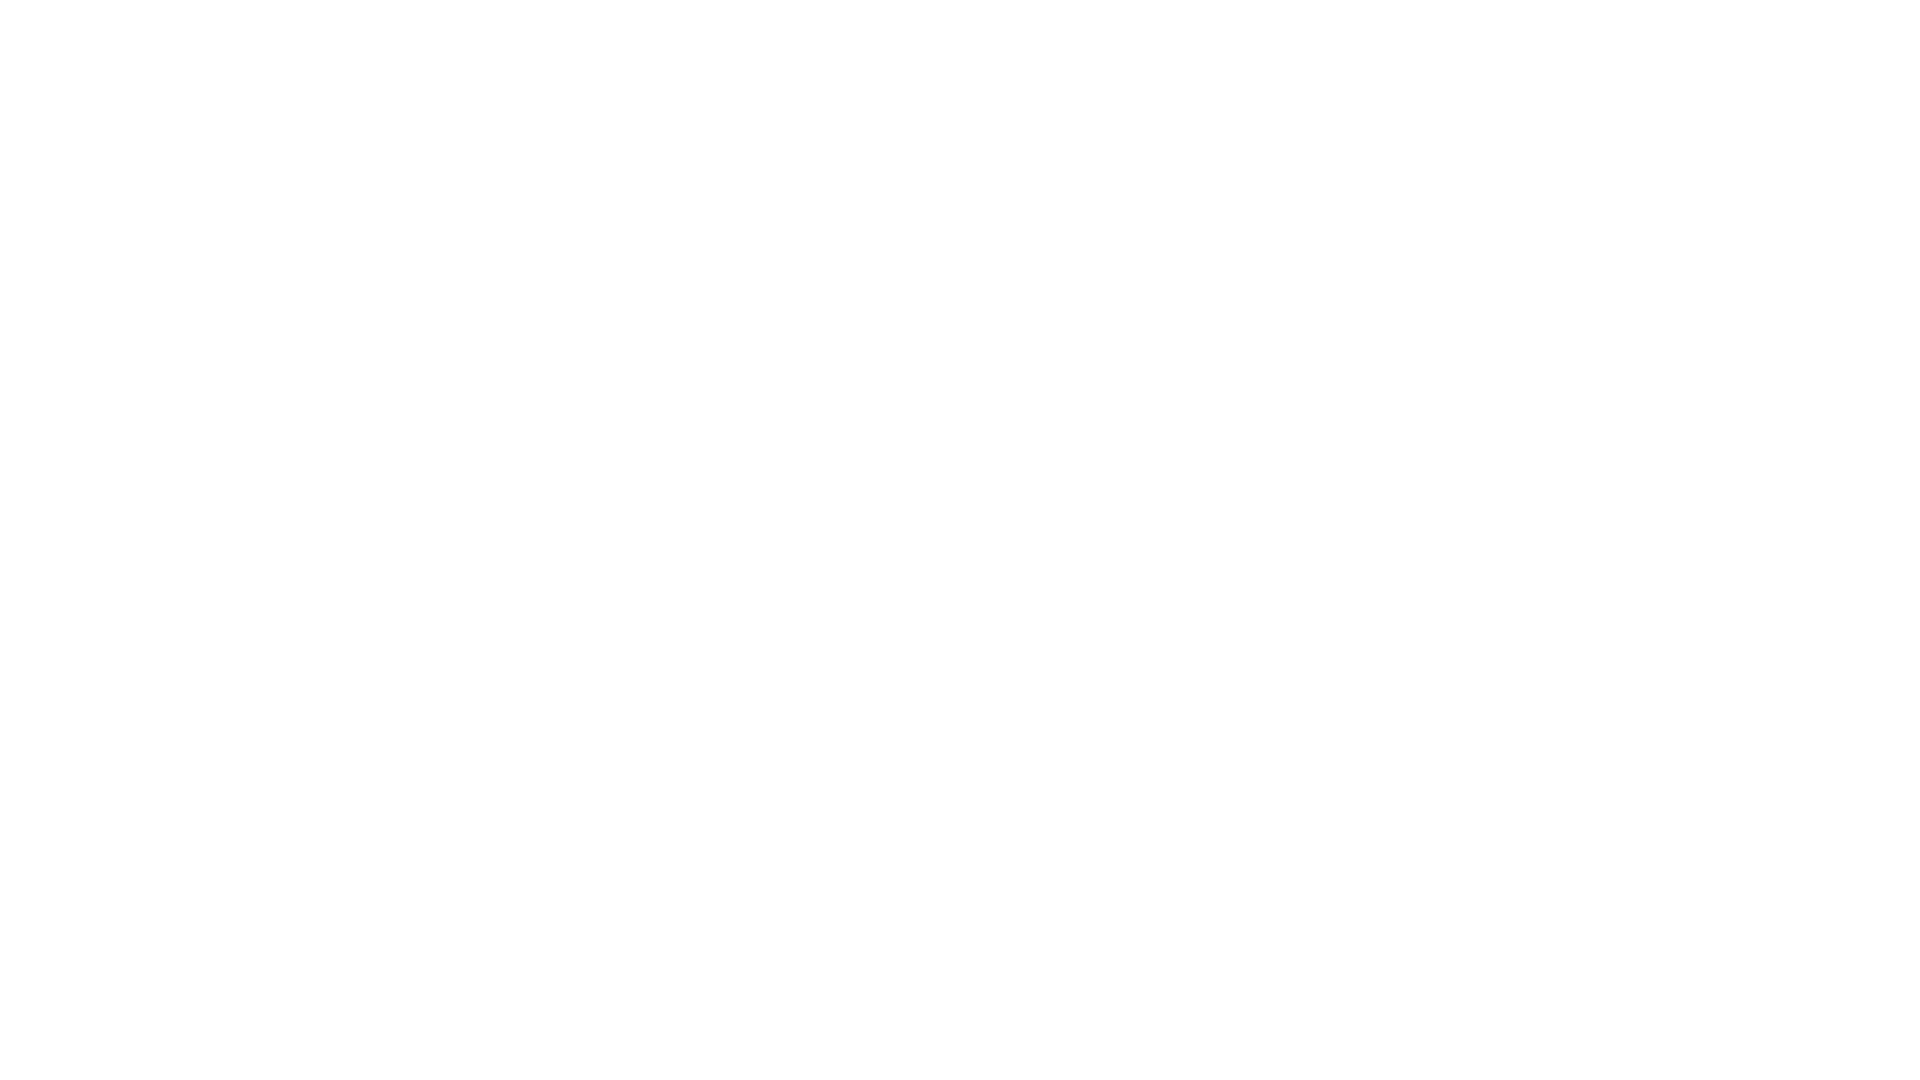 ※100個限定販売 至高下半身盗撮 プレミアム Vol.12 ハイビジョン 盗撮編  81枚 34